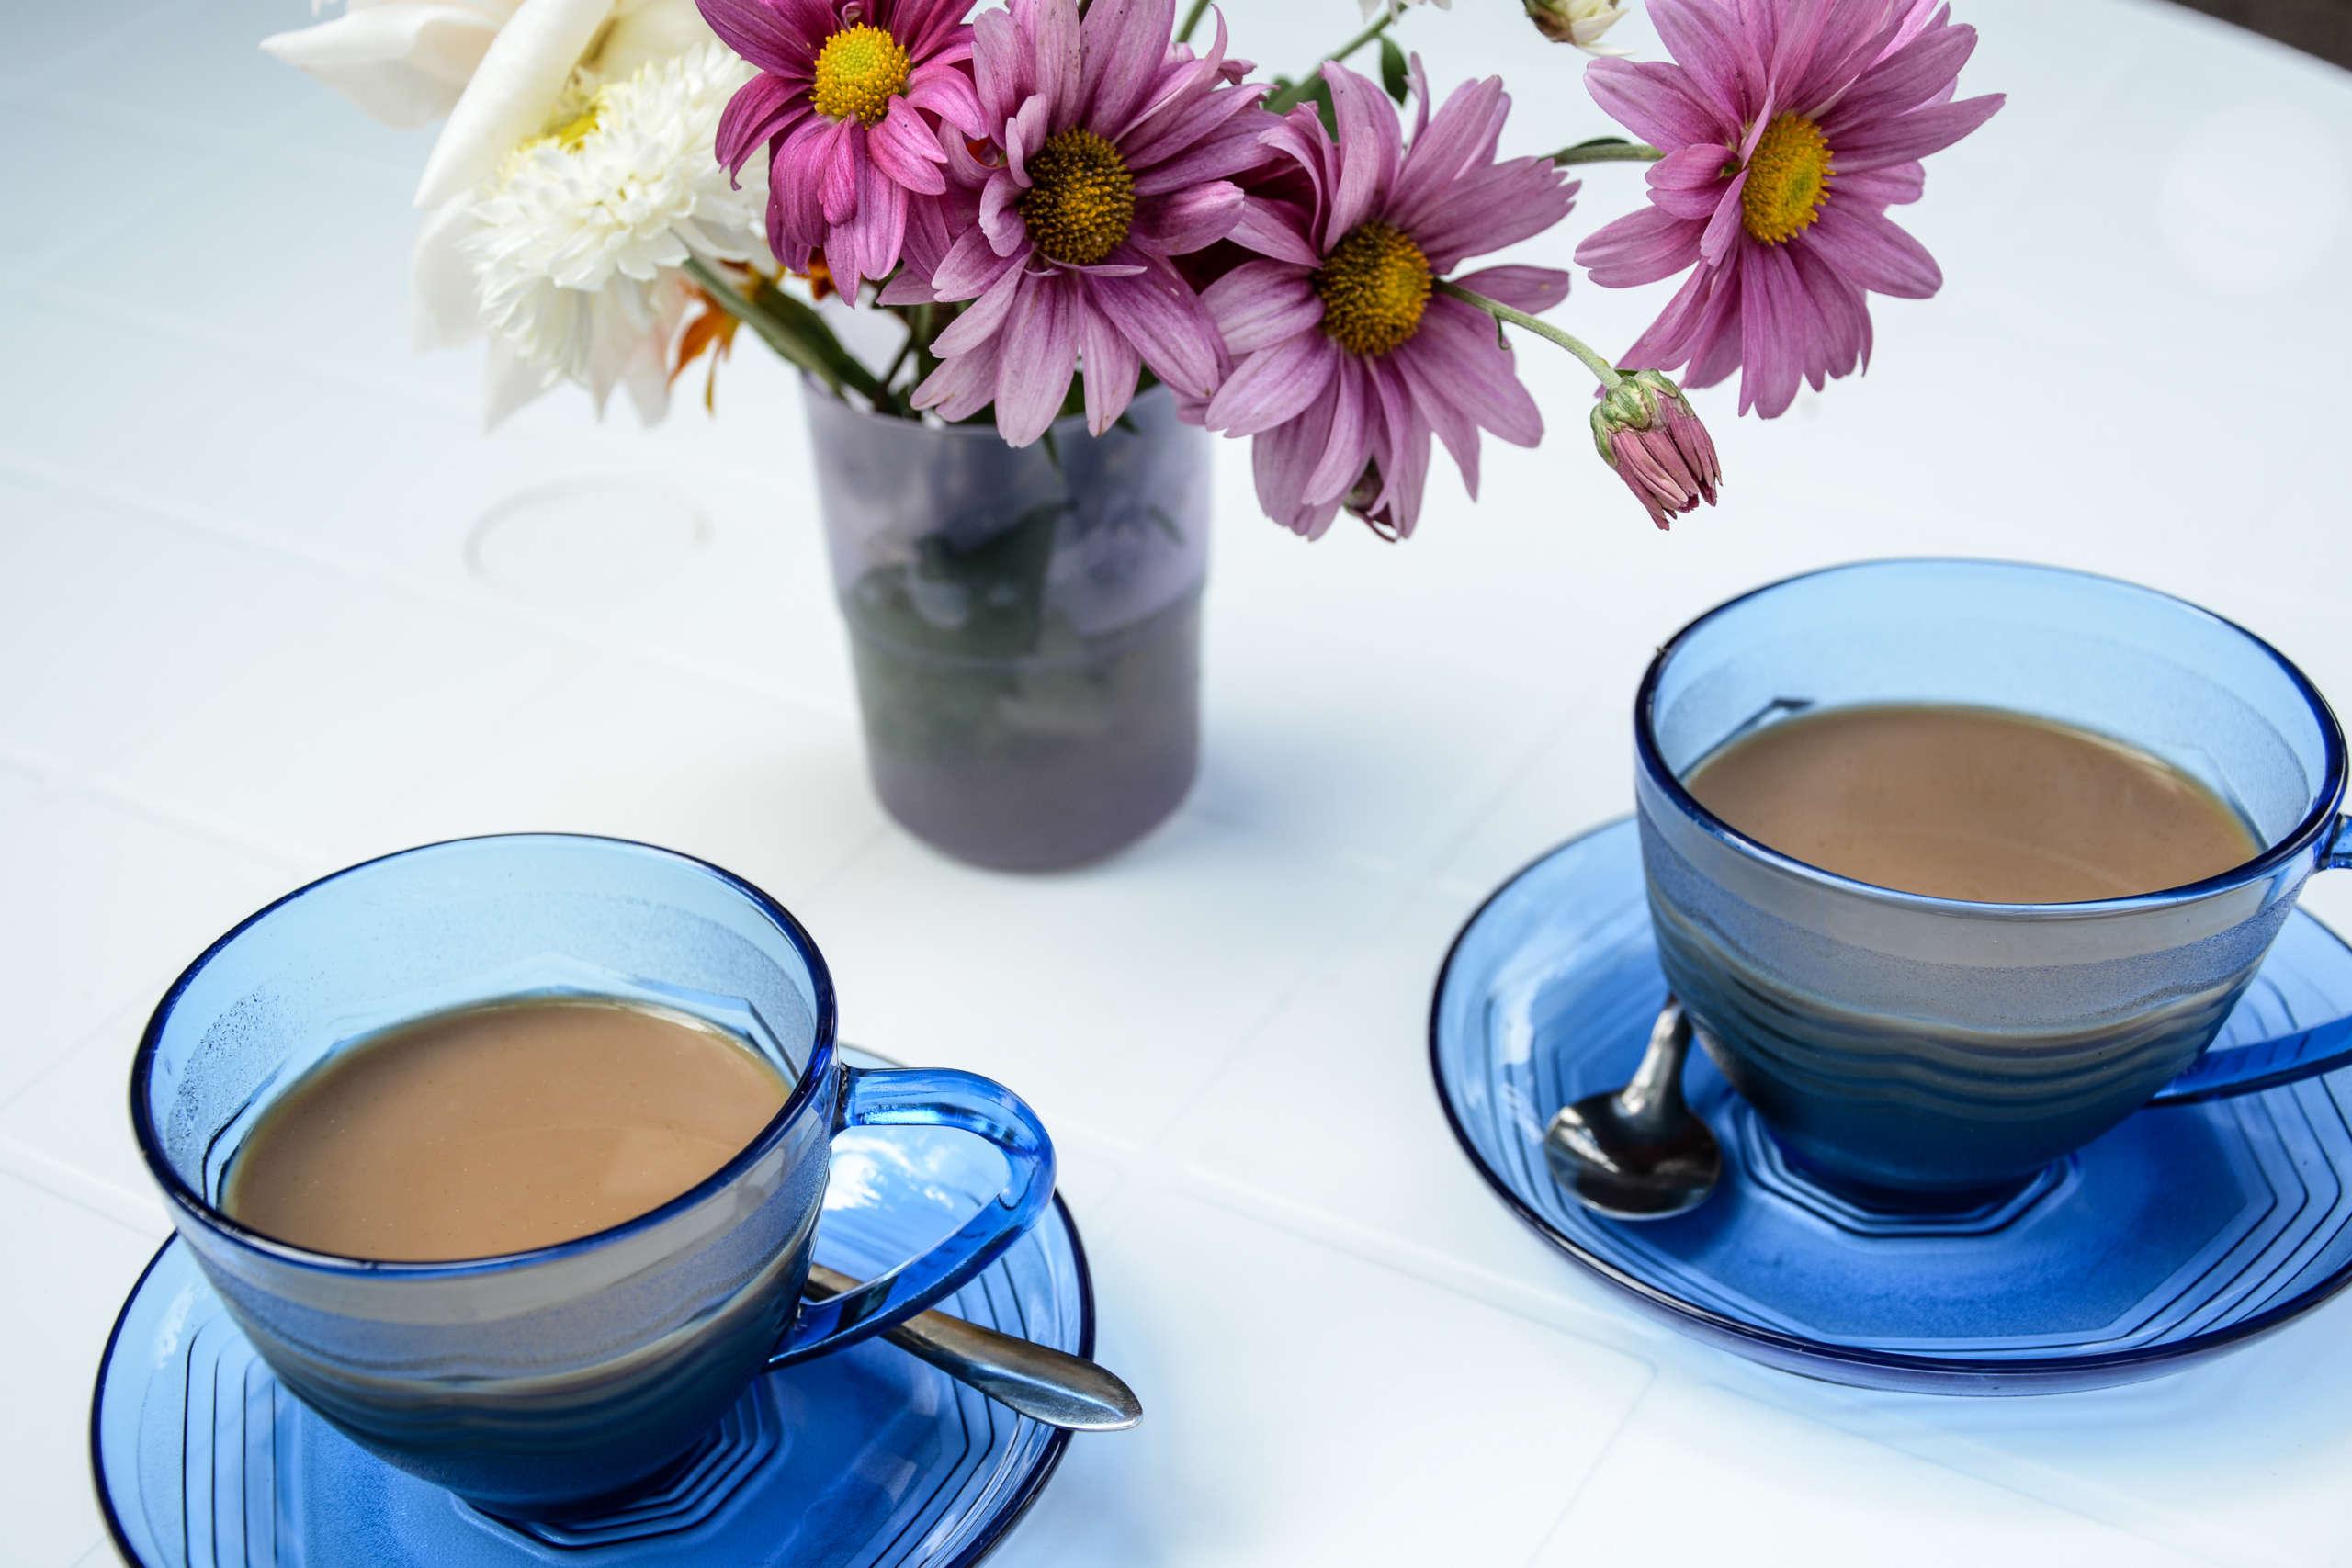 Zwei Kaffeetassen auf einem Tisch, dahinter Blumen in der Vase.